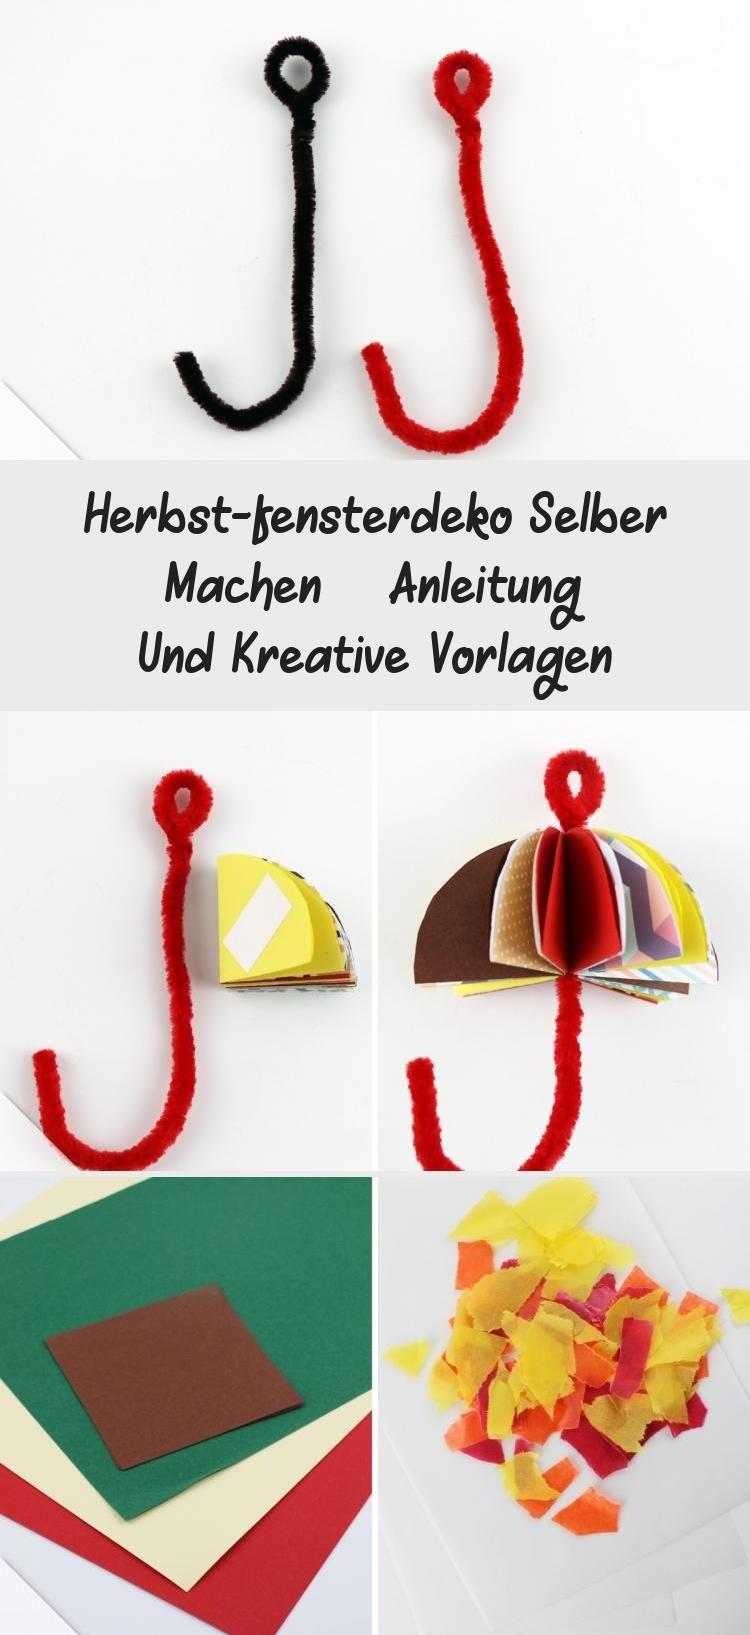 Anleitung - Herbst-Fensterdeko basteln - Schirm - Talu.de #bastelnmitkindernSchule #bastelnmitkindernPerlen #bastelnmitkindernLaternen #Drachenbastelnmitkindern #bastelnmitkindernVatertag #herbstfensterdekokinder